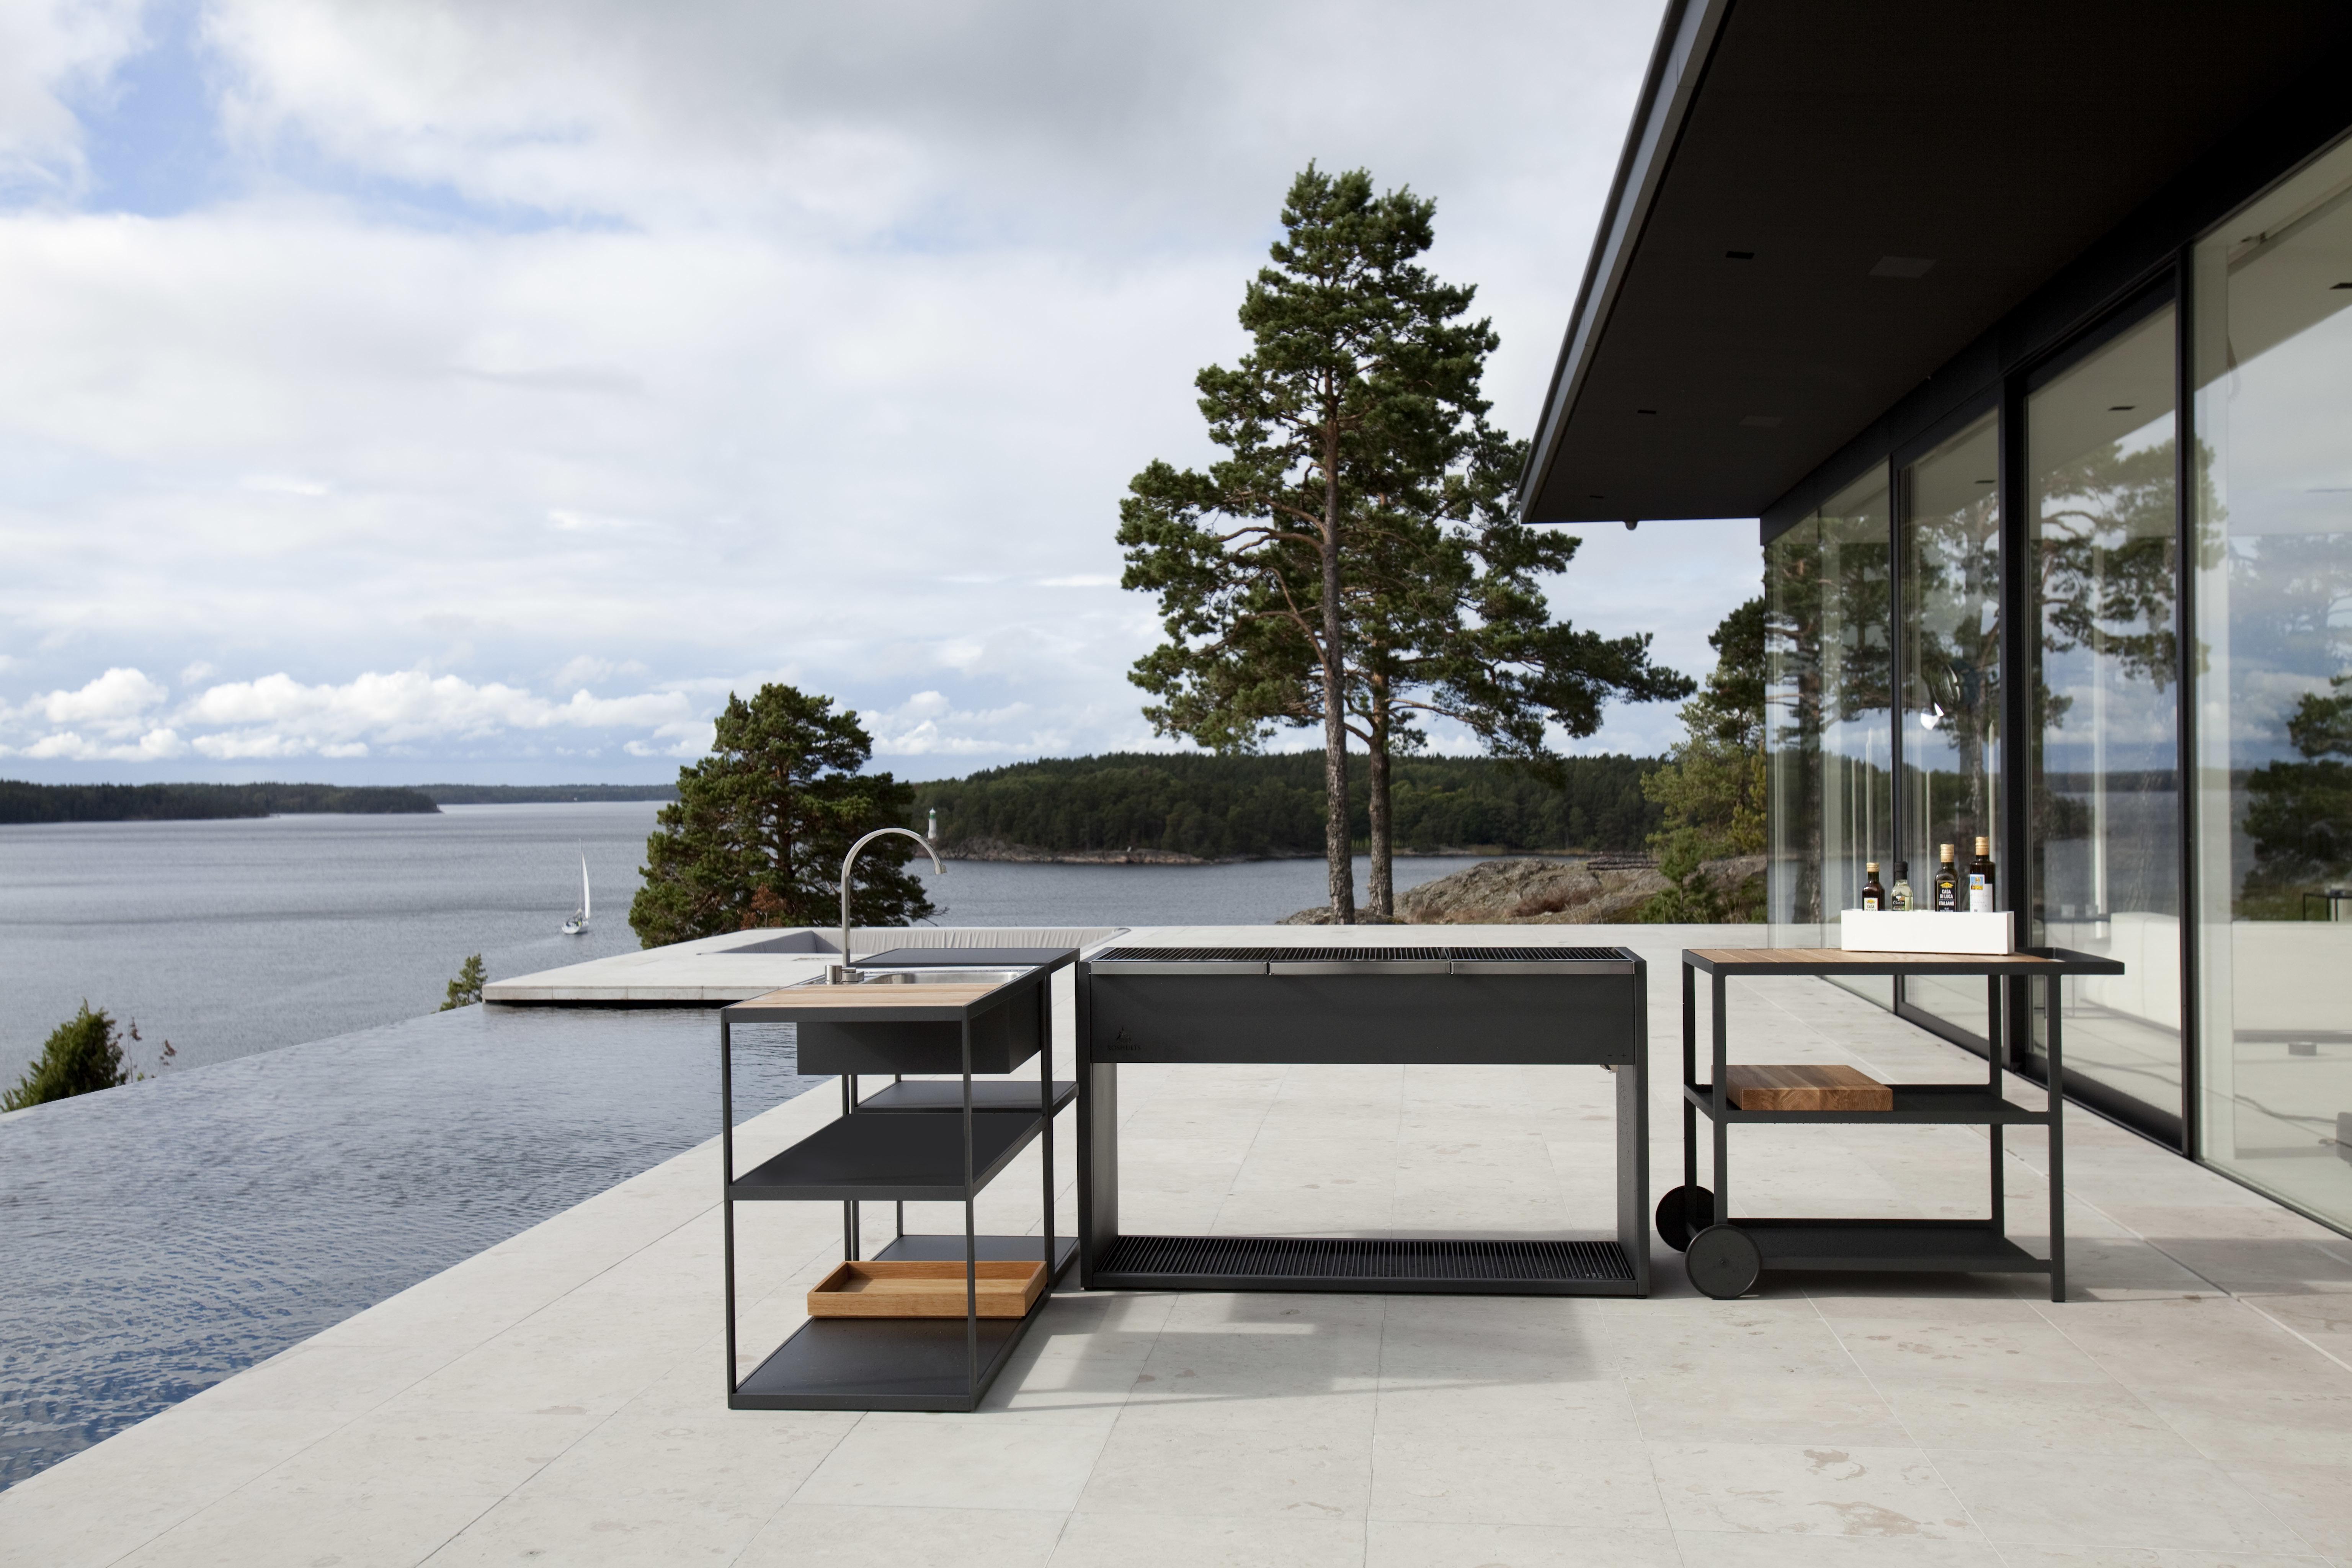 Kochfeld Für Außenküche : Wer kann der kocht im sommer draußen die besten außenküchen